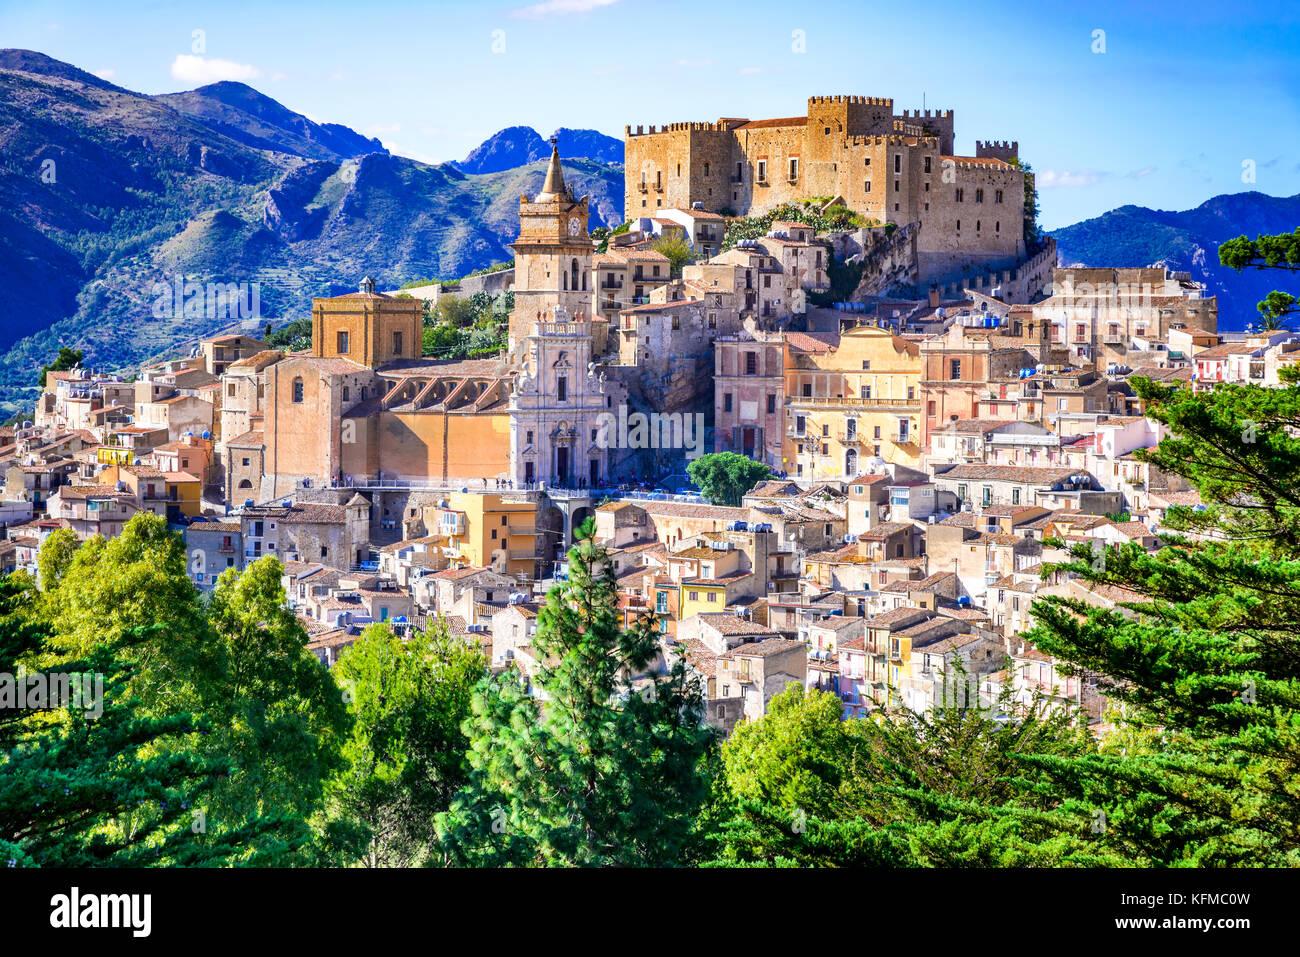 Trapani, Sizilien. Mittelalterlichen italienischen Stadt mit der normannischen Burg Berge in Sizilien, Italien. Stockbild